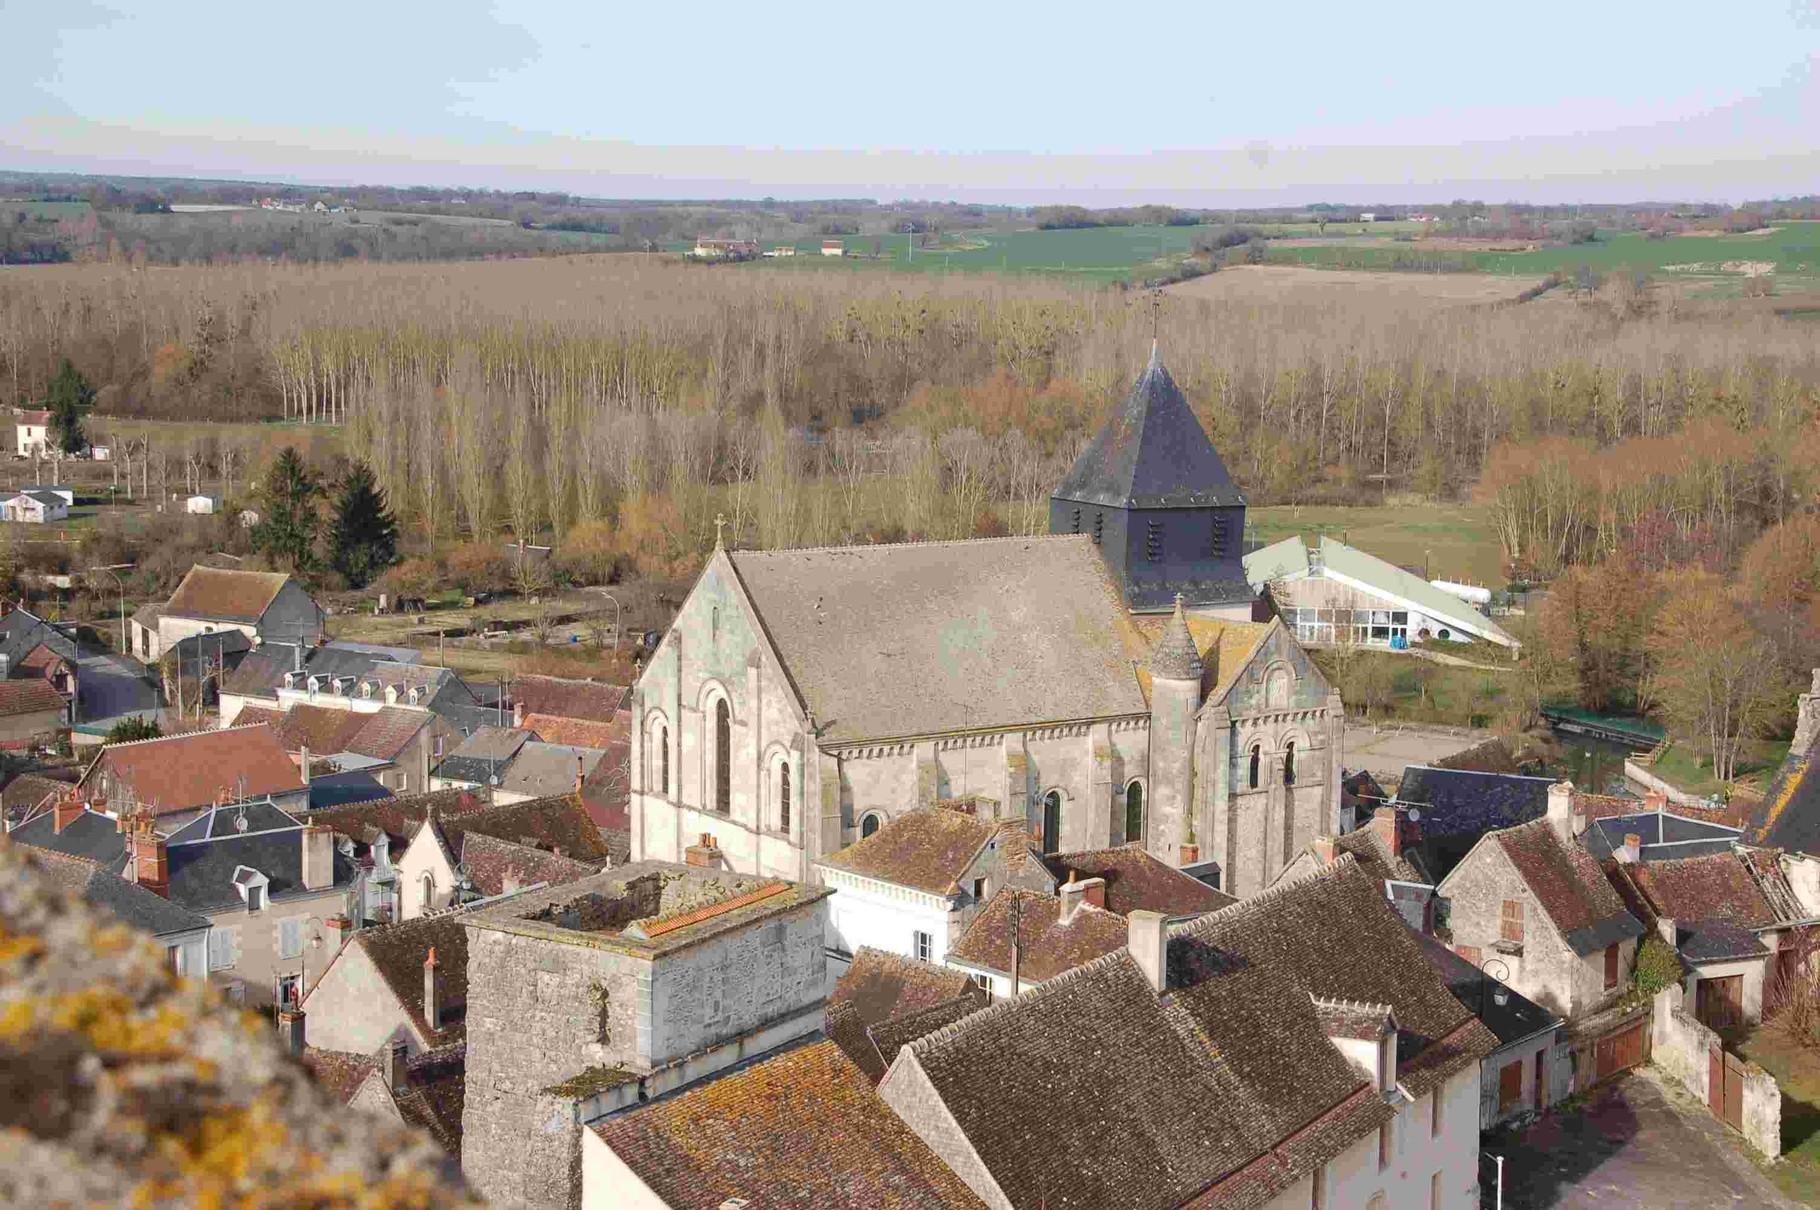 Club de randonnée de Romorantin Sologne - sortie au Tranger dans l'Indre, entre Valençay et Châtillon-sur-Indre